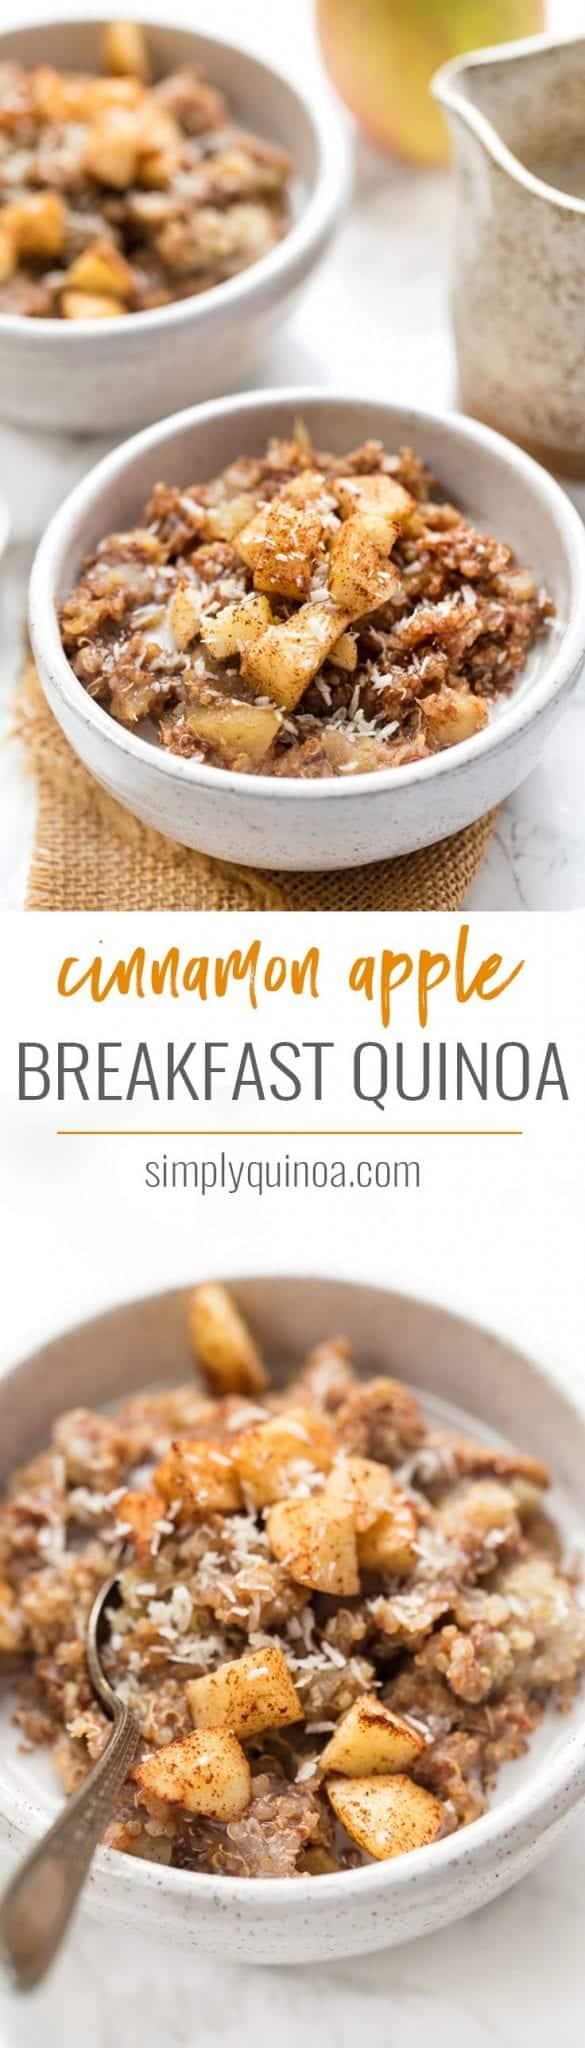 how to make cinnamon apple breakfast quinoa recipe